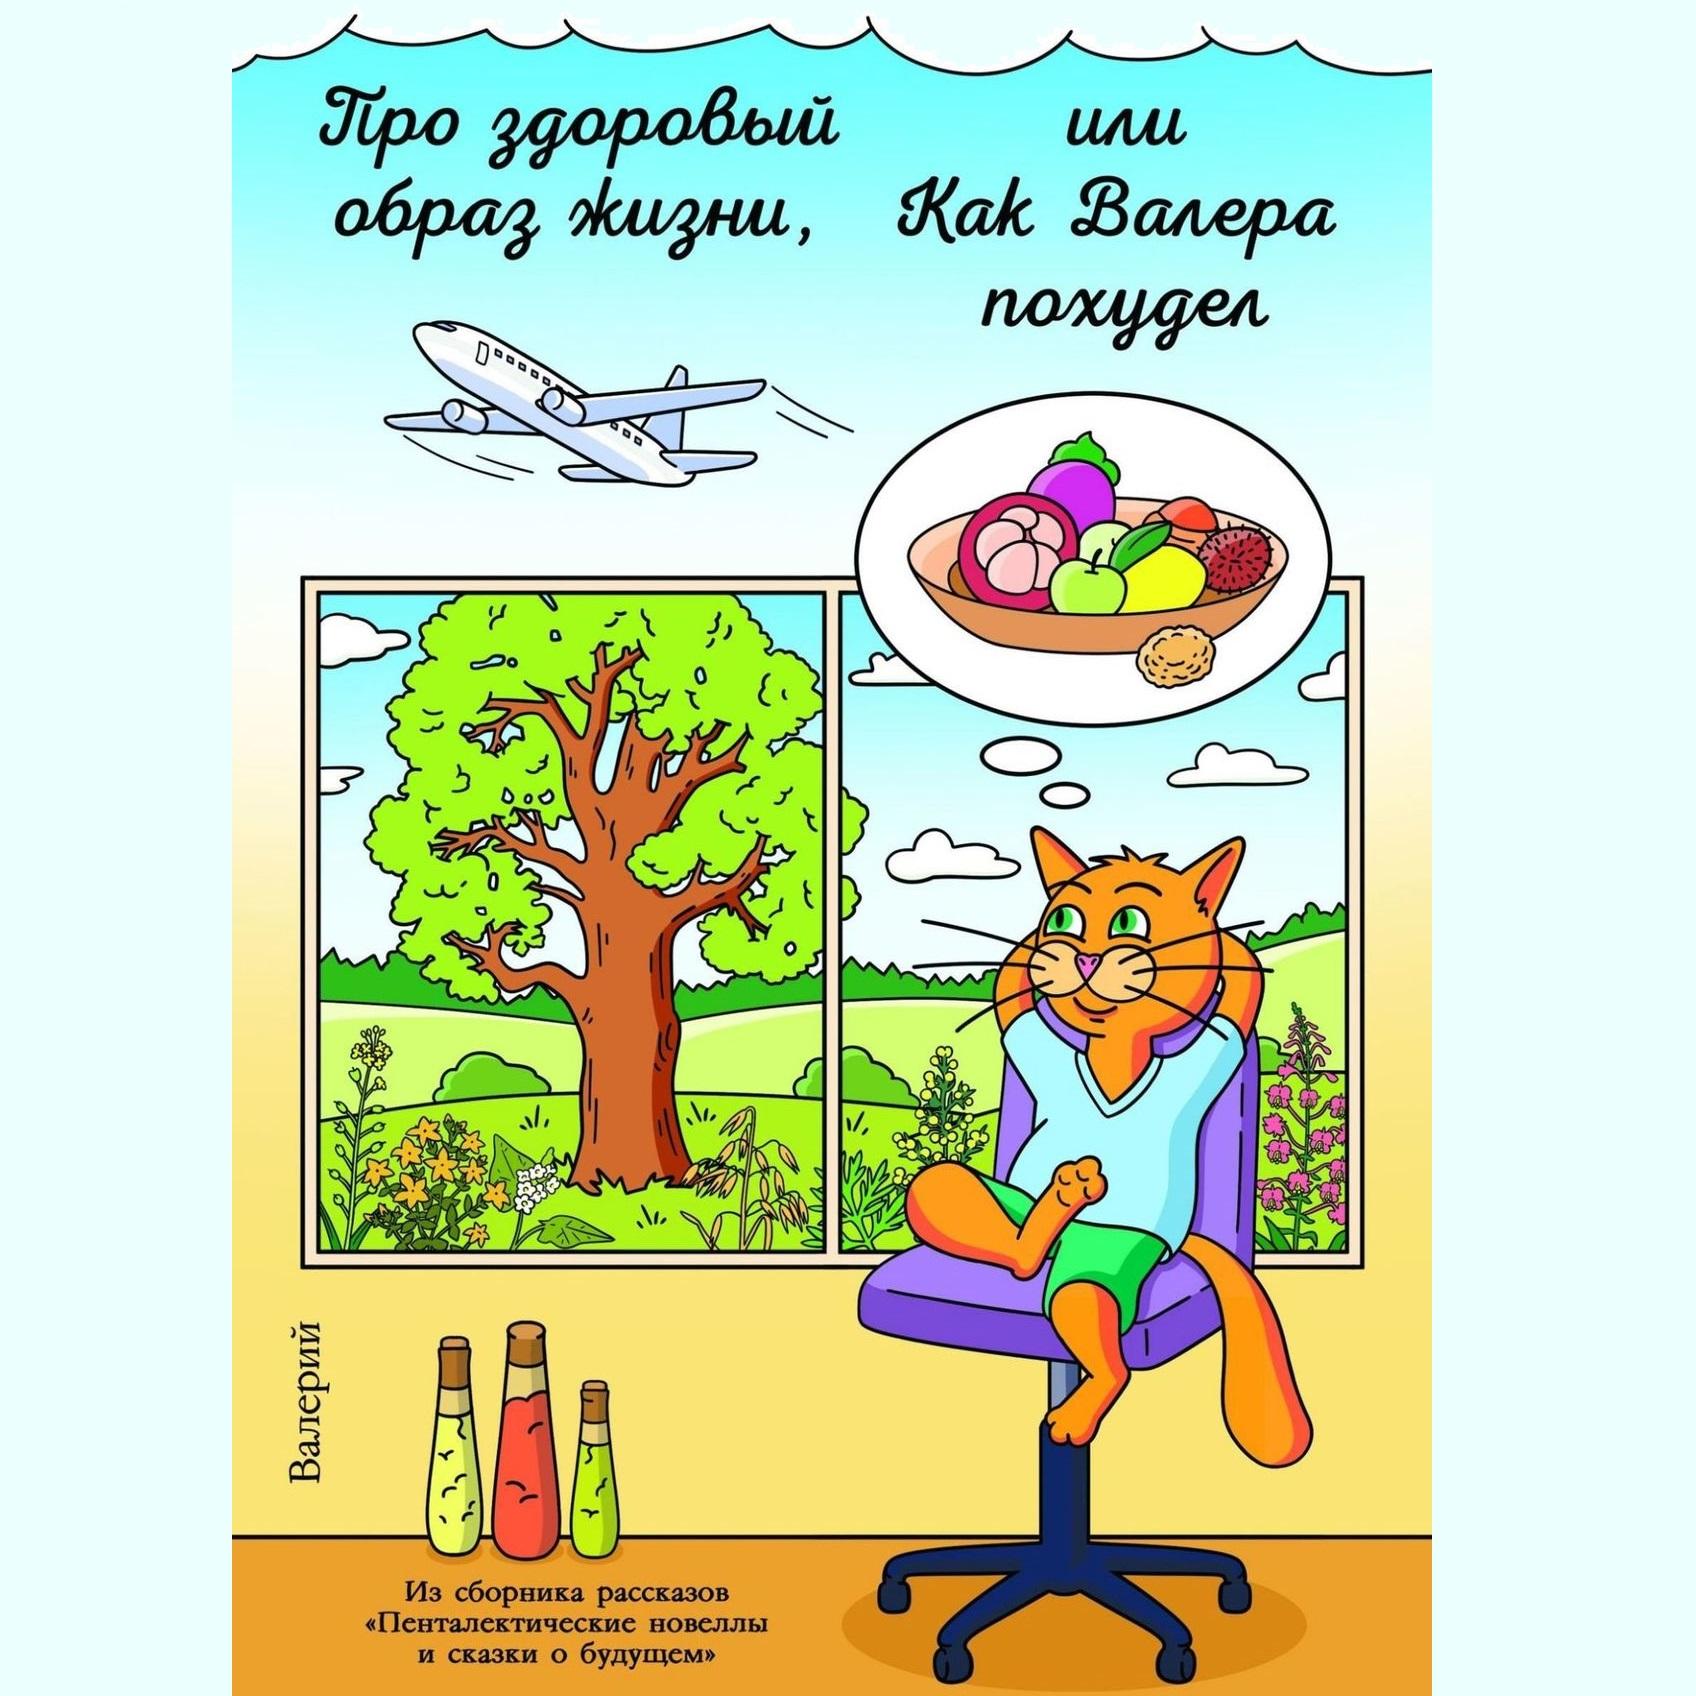 Купить книгу Про здоровый образ жизни, или Как Валера похудел, автора Валерия